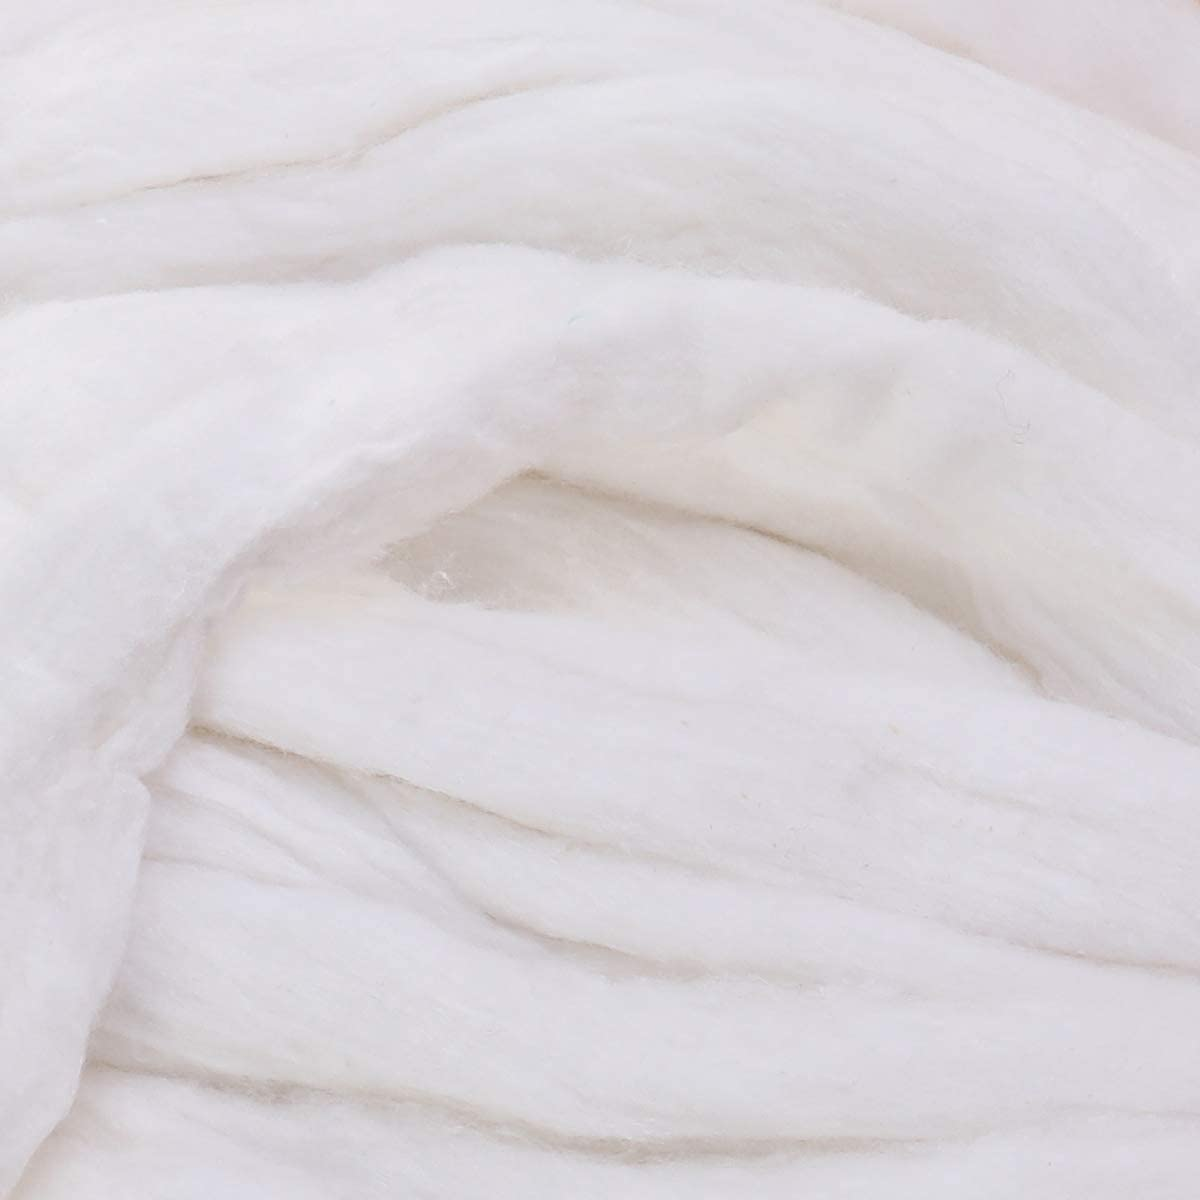 Algod/ón absorbente alto Rollos de algod/ón de Beaupretty Tiras de algod/ón desengrasante Algod/ón absorbente de agua para peluquer/ía